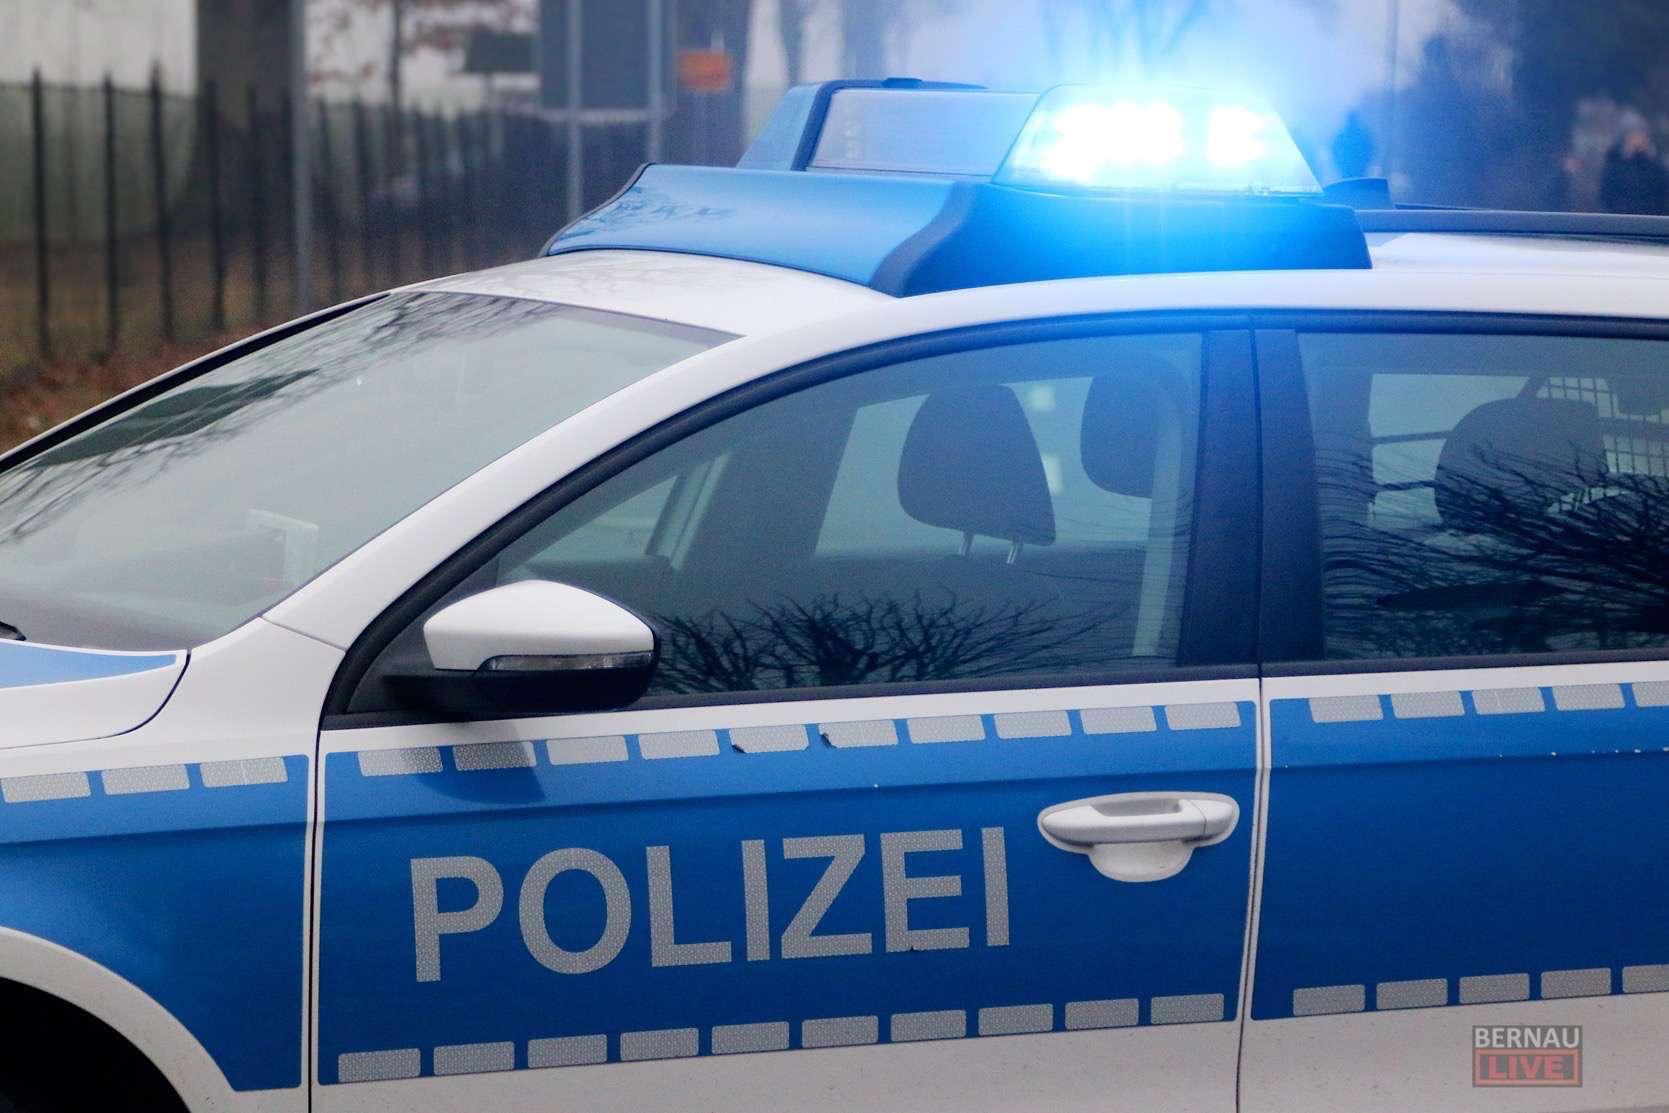 IMG 7256 Polizei Symbolbild Taschendiebe